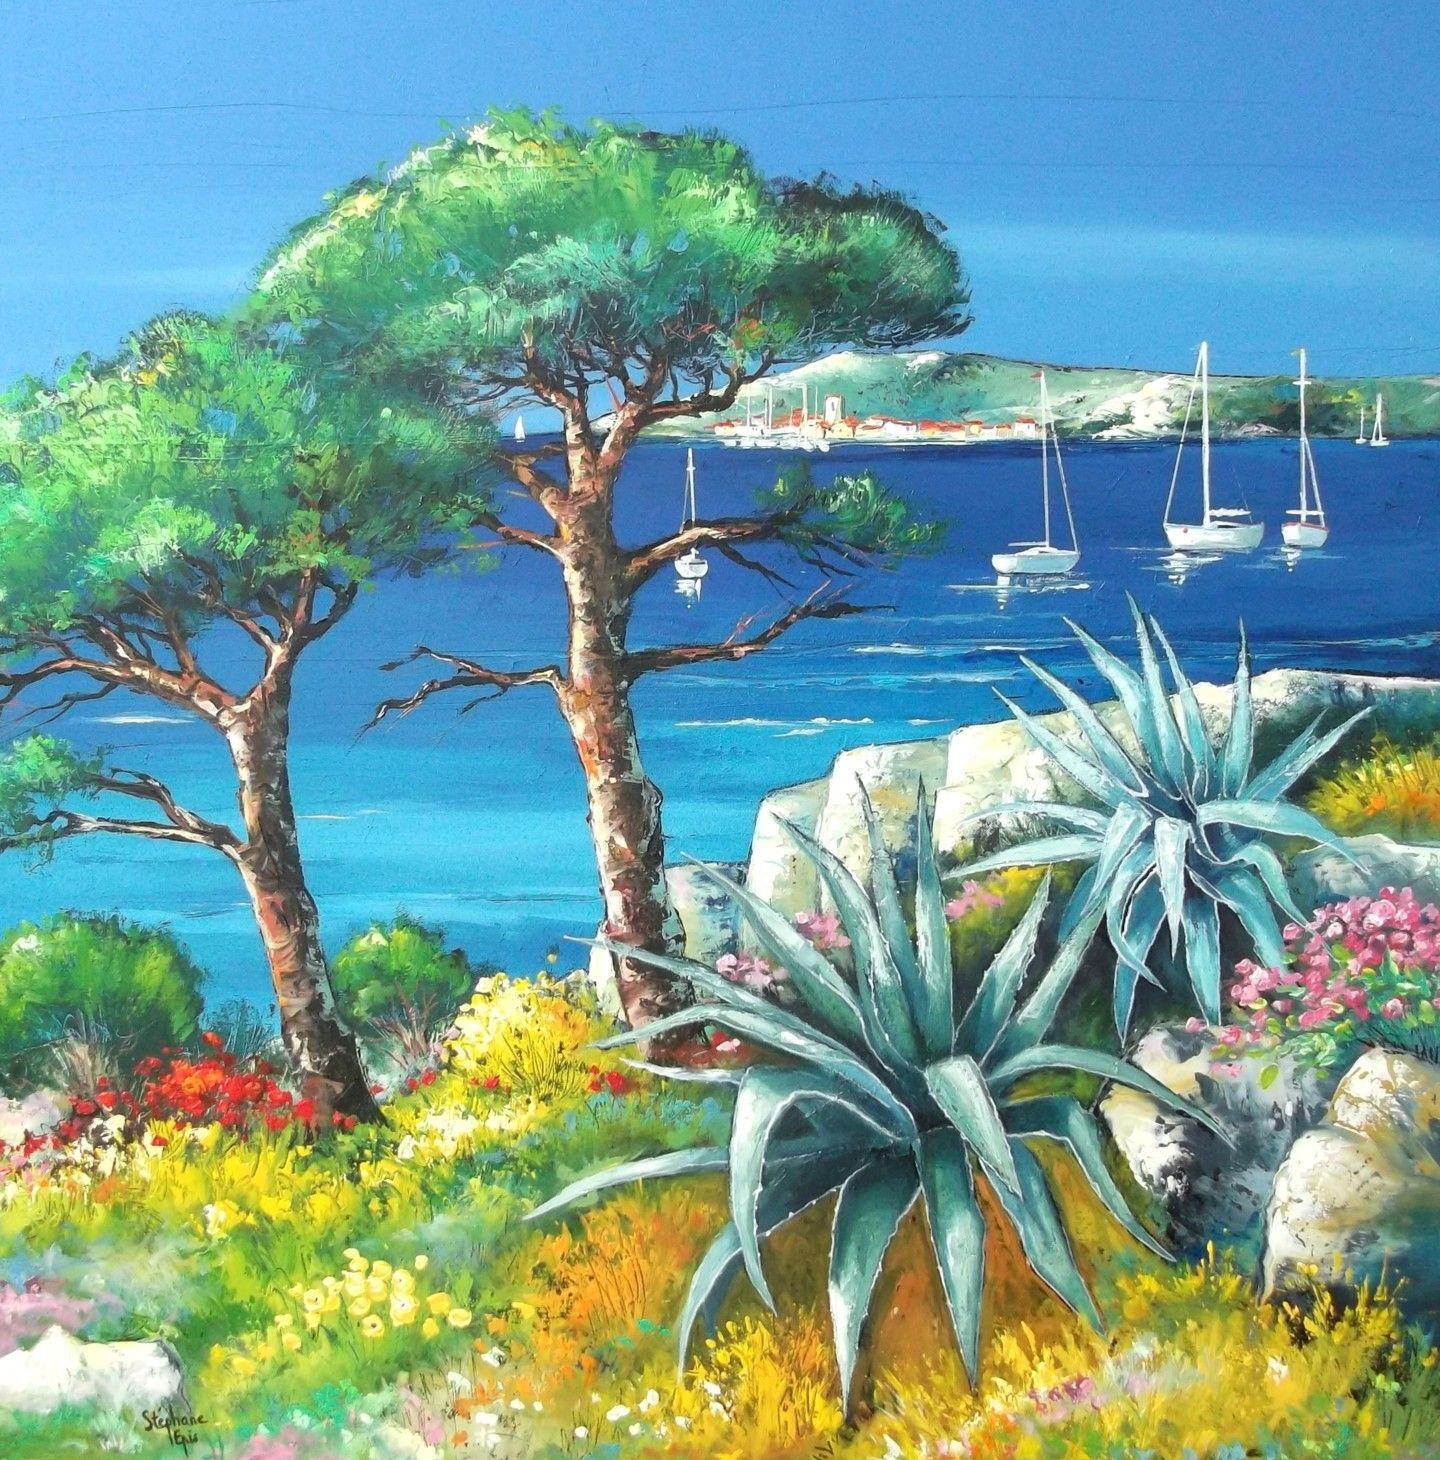 Peinture Par Stephane Epis France Artmajeur Mediterranean Art Oil Painting Landscape Taos Art